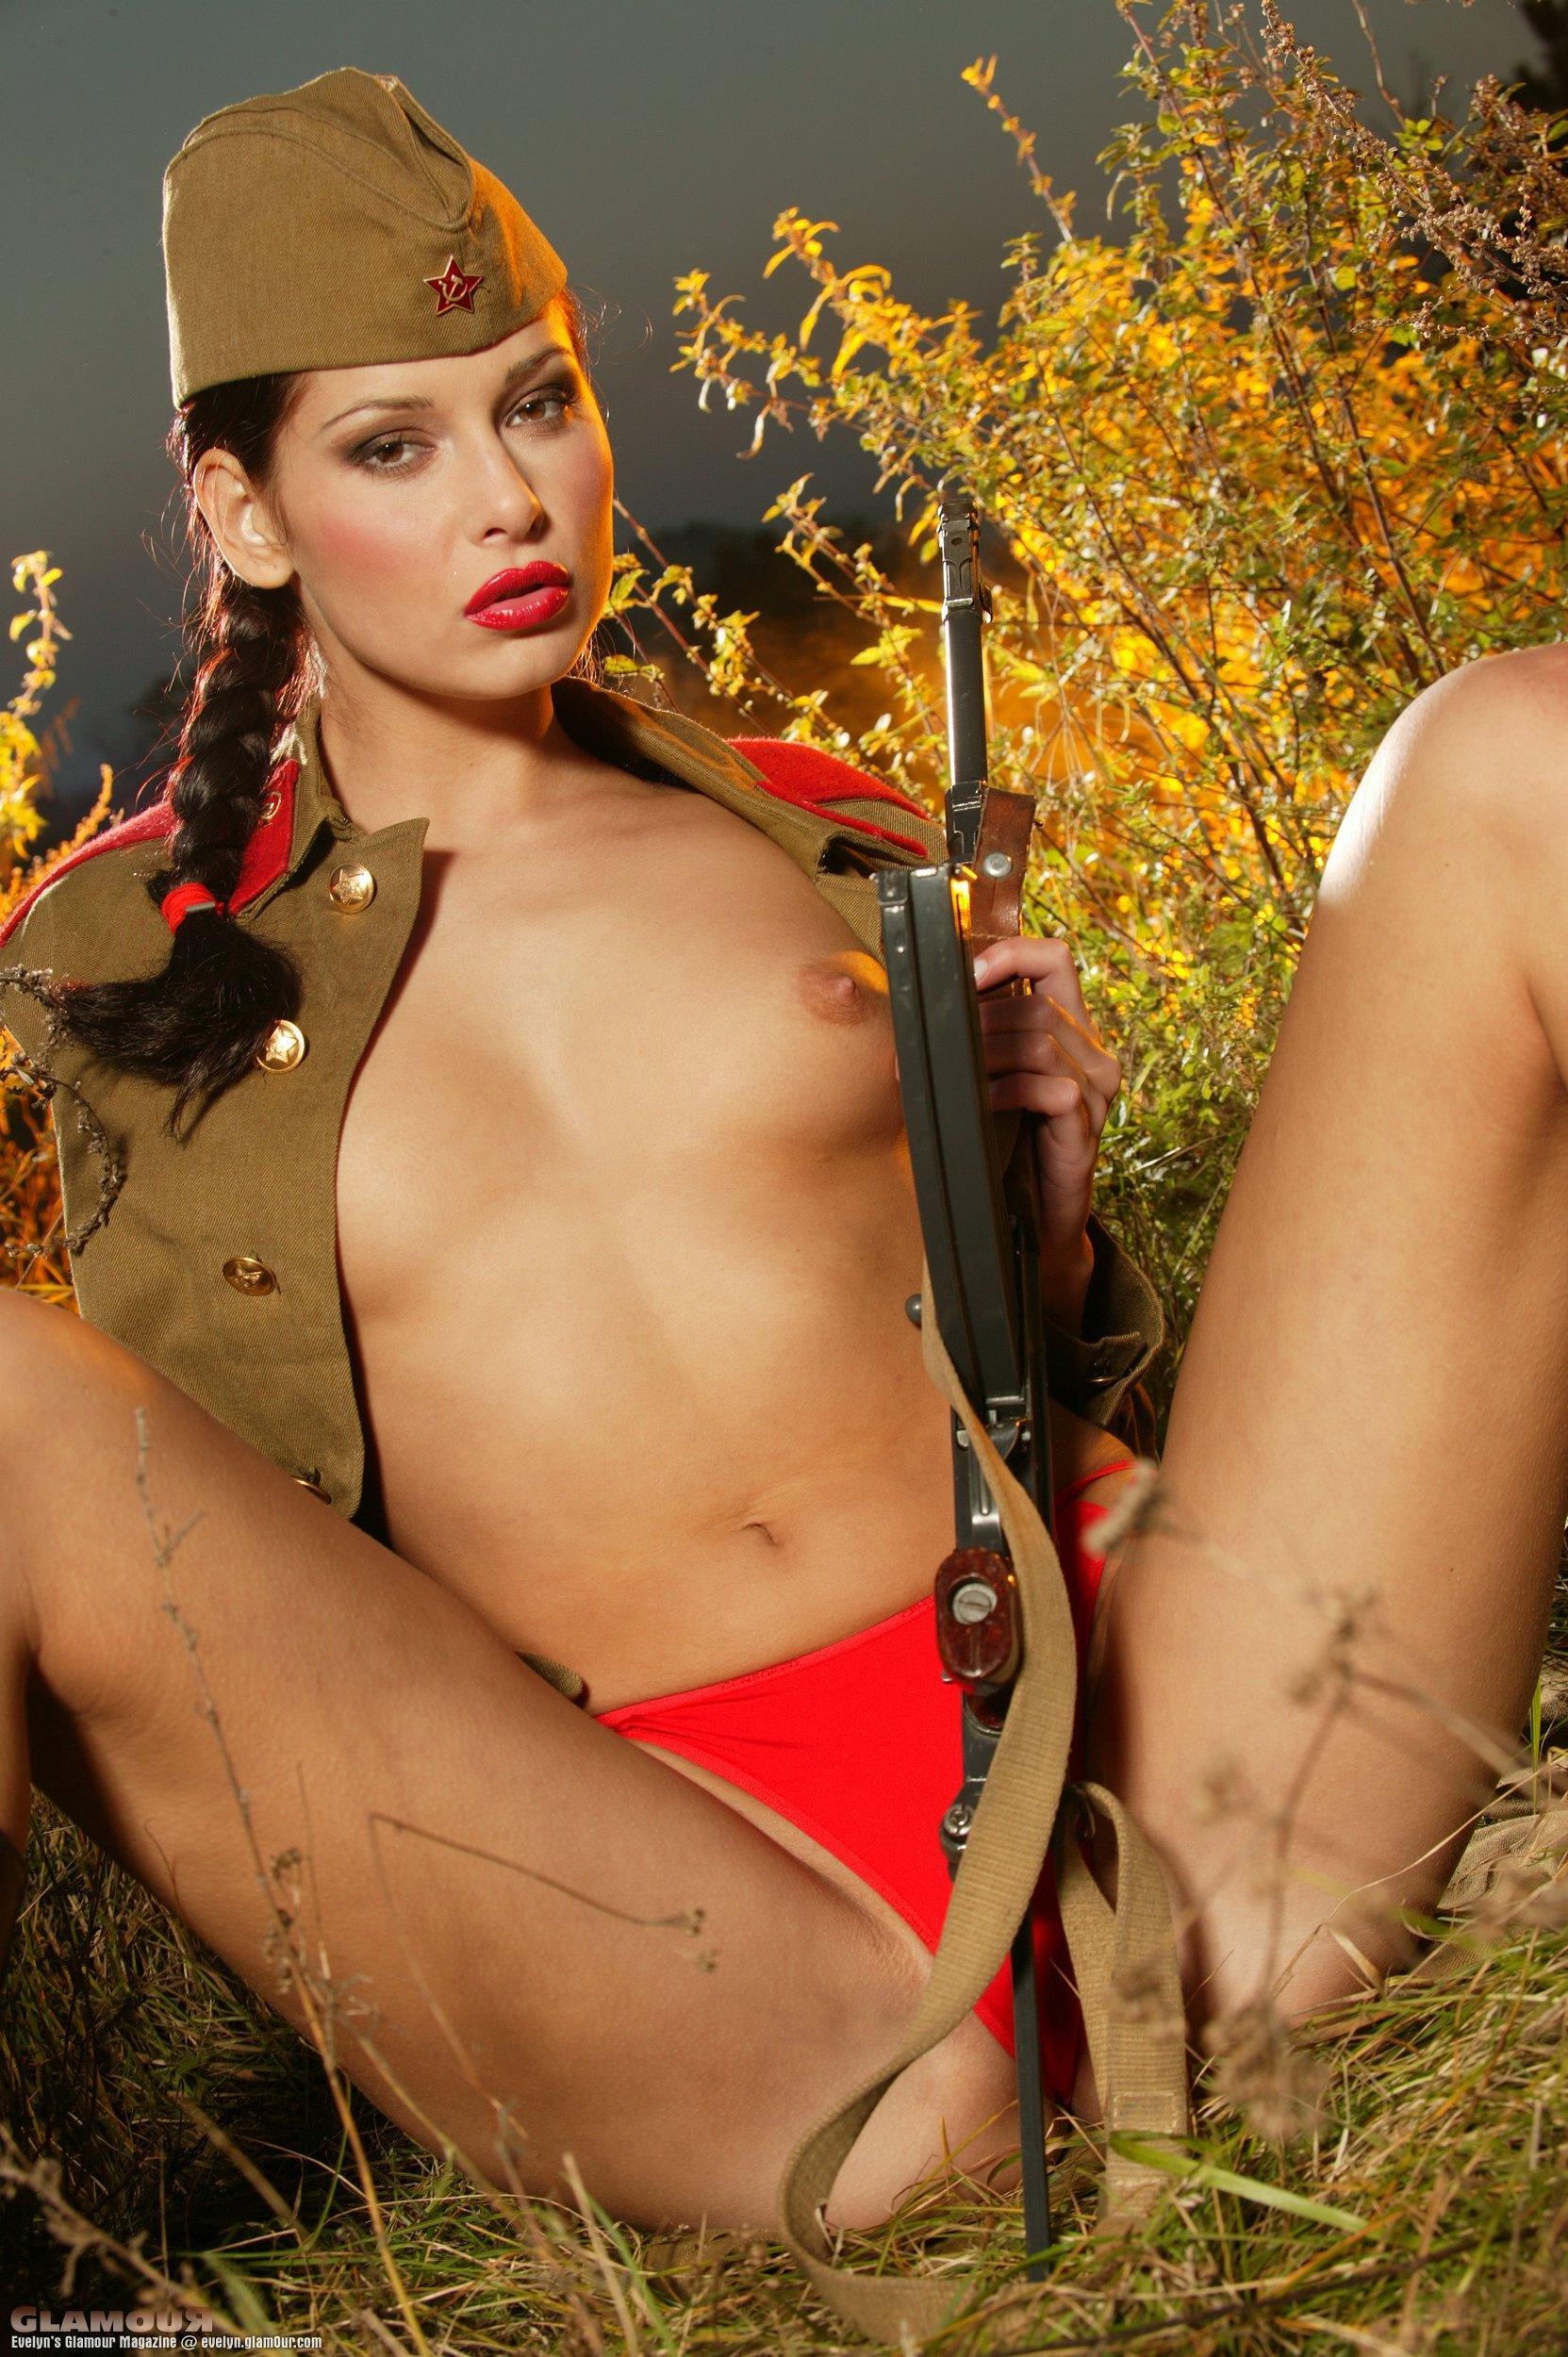 хочу голые фото девушек в военной форме такого видео